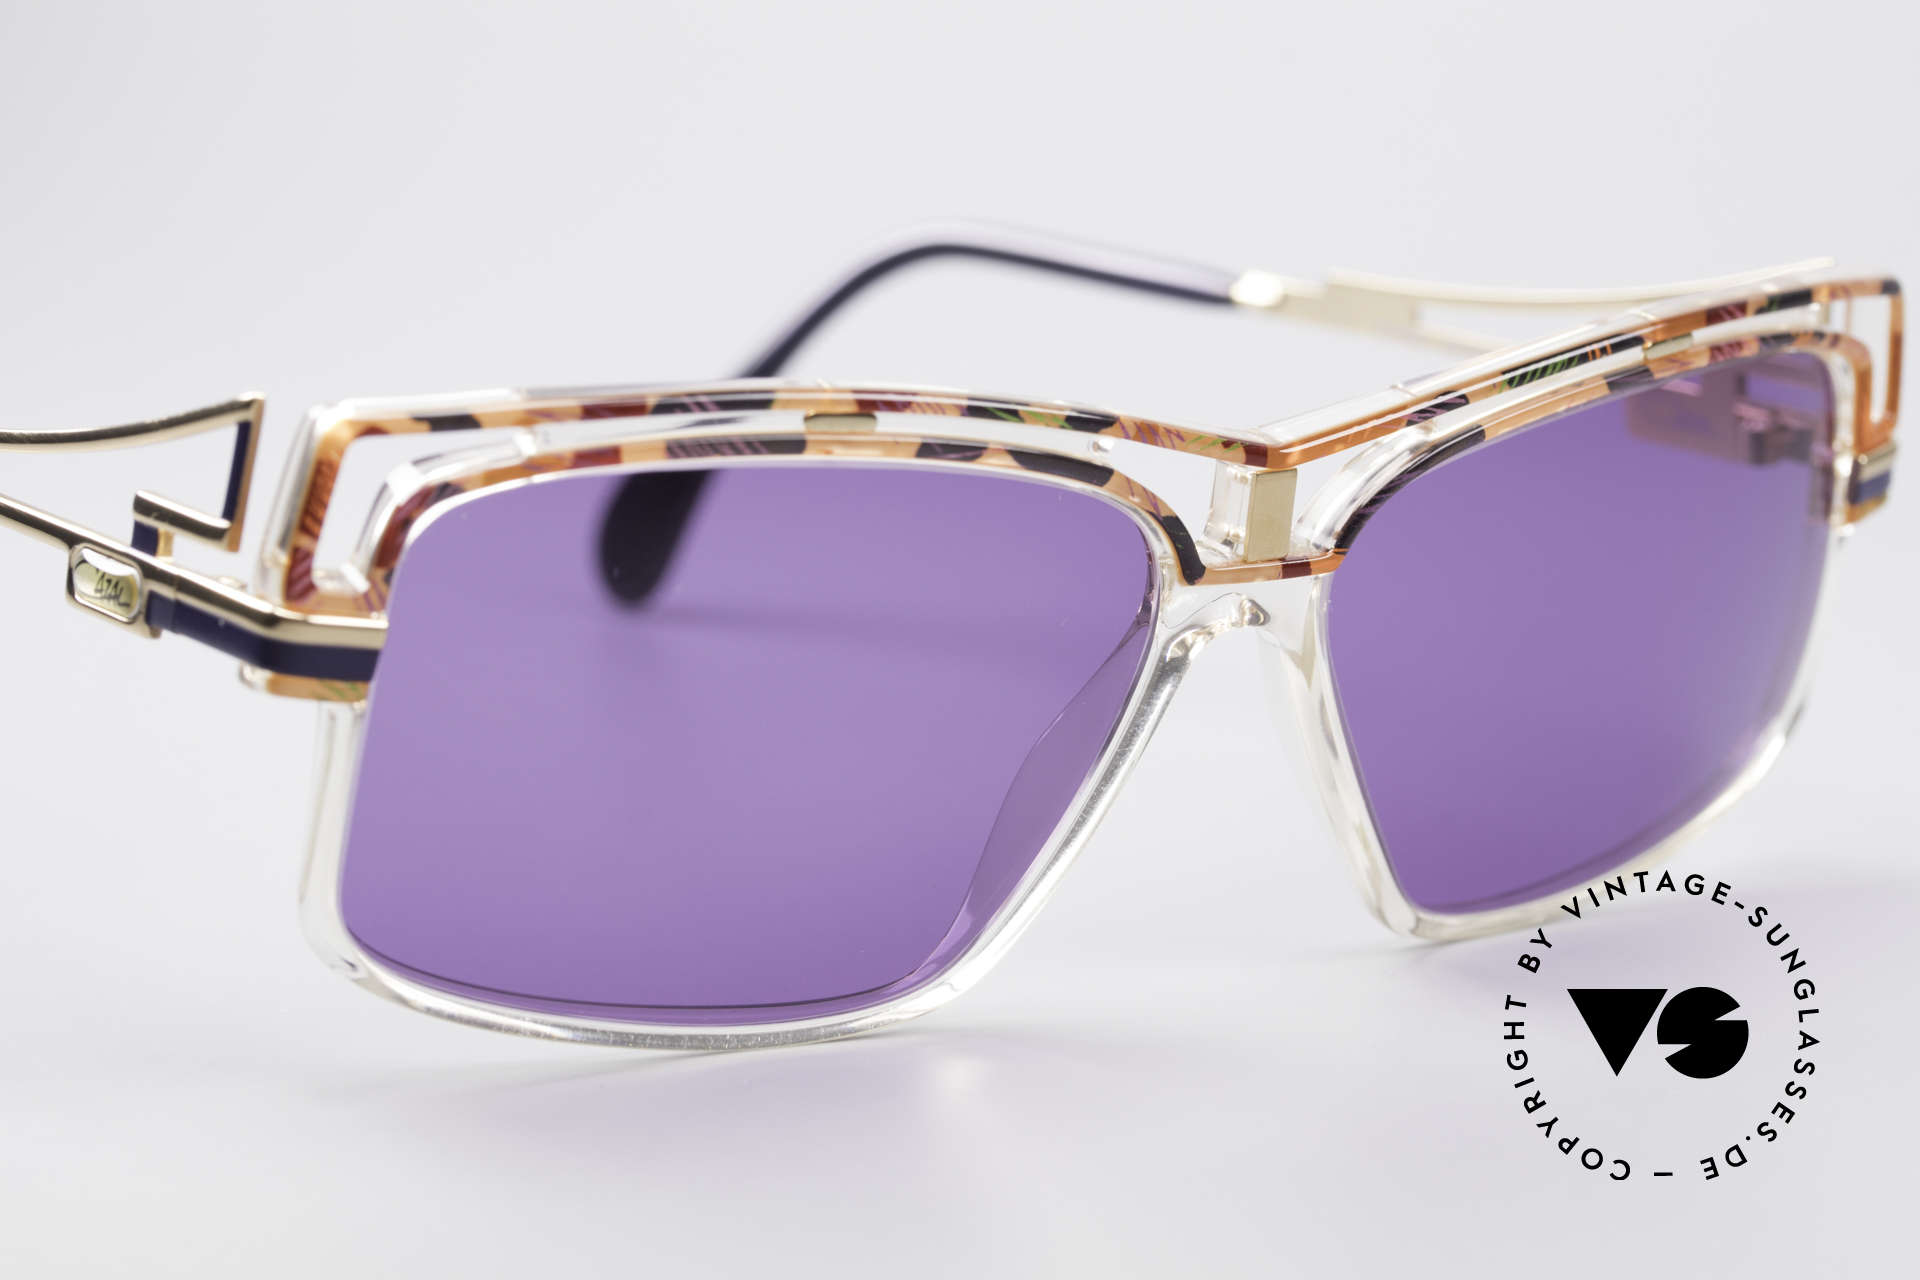 Cazal 365 No Retrobrille Echt Vintage 90er, ungetragen (wie alle unsere vintage CAZAL Brillen), Passend für Herren und Damen